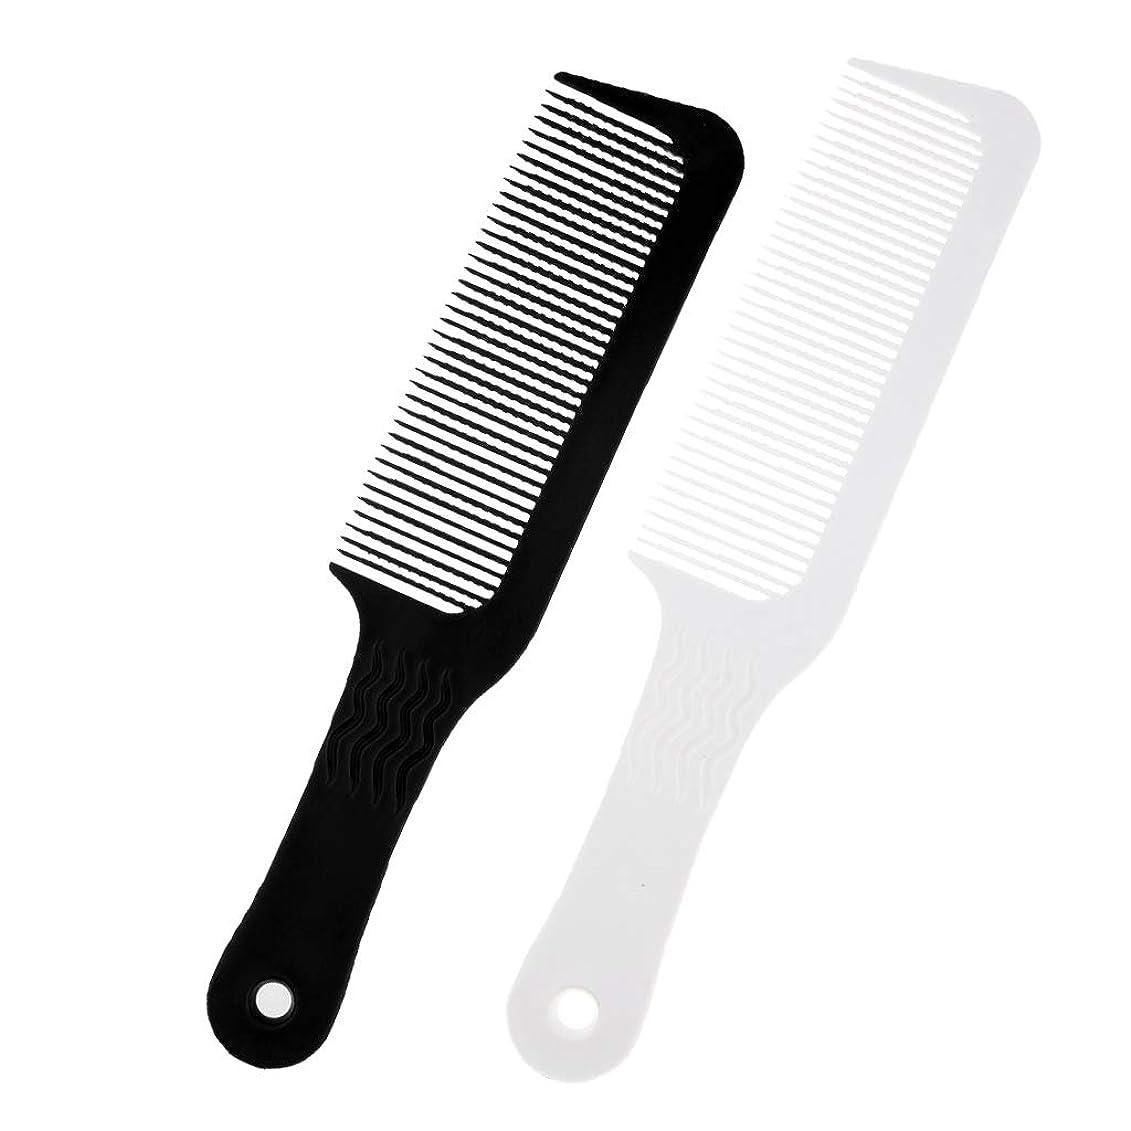 キャリアハプニング規定CUTICATE ヘアブラシ ヘアダイコーム コーム クリッパー櫛 プラスチック 理髪店 用品 2個入り